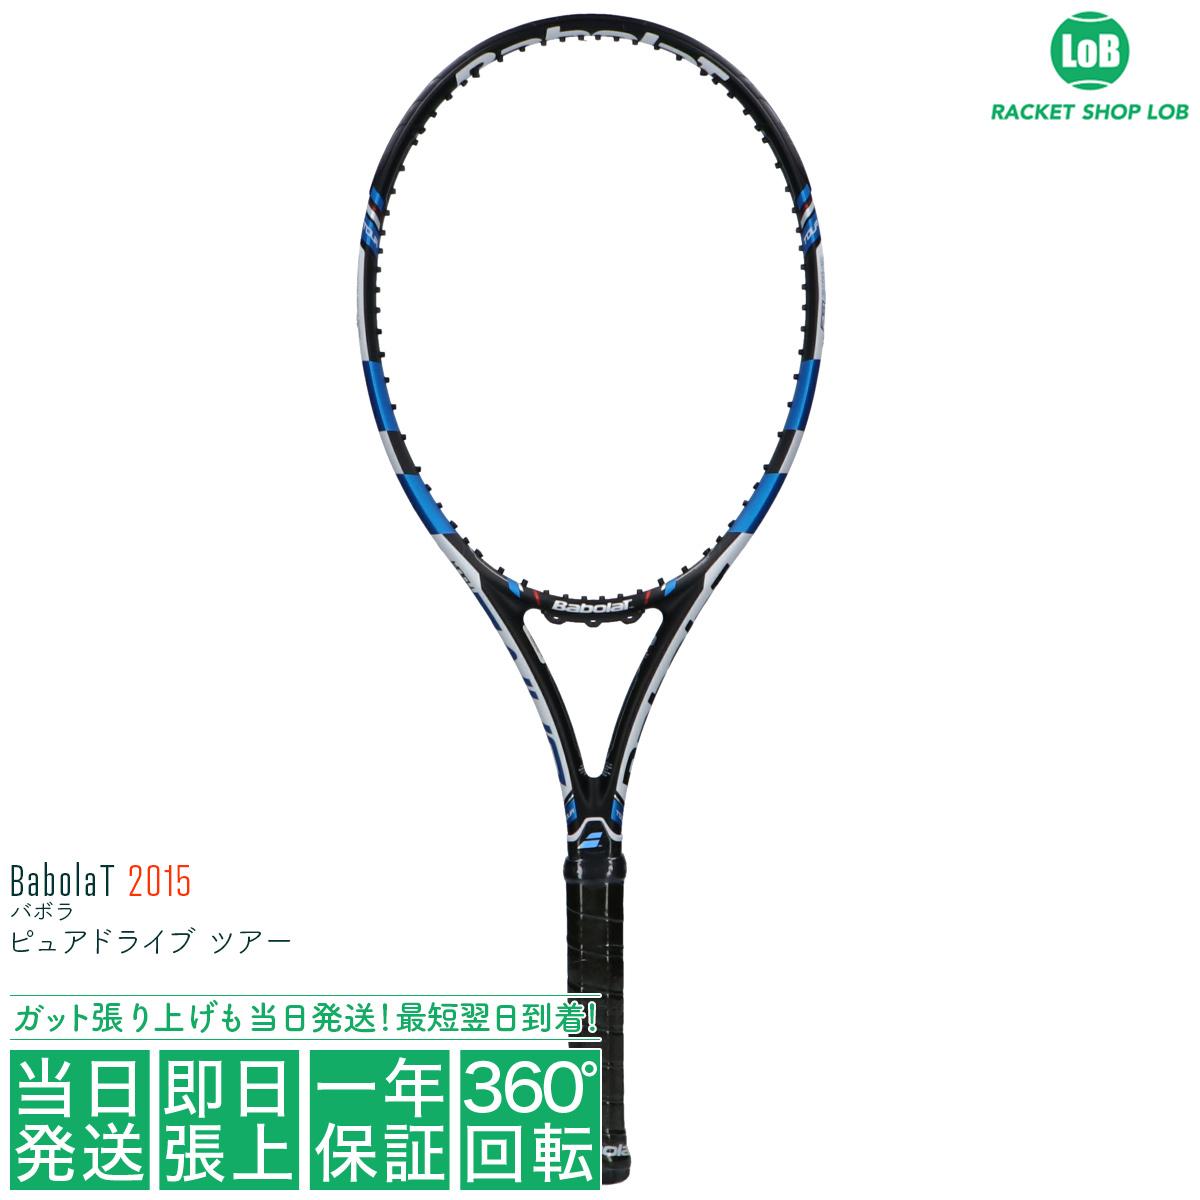 【クーポン利用で5%OFF!】バボラ ピュアドライブ ツアー 2015(Babolat PURE DRIVE TOUR)315g 102298 硬式テニスラケット